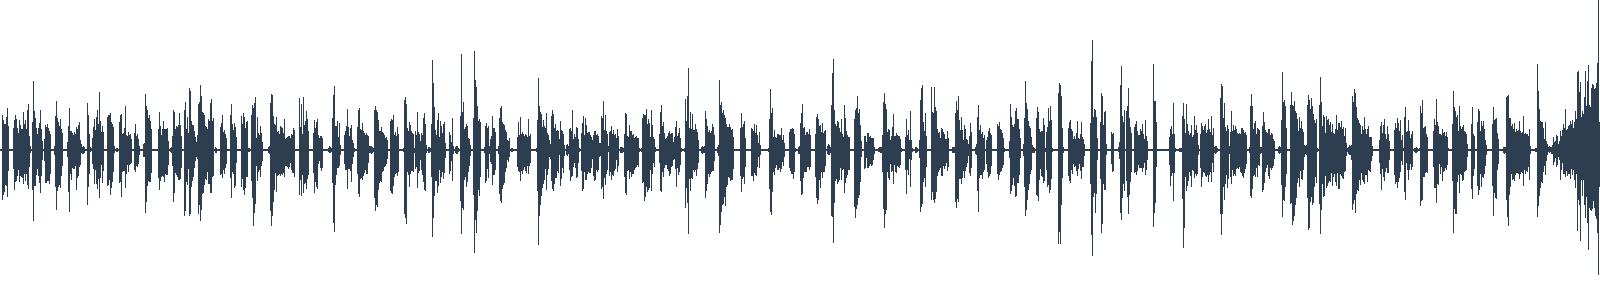 Do tmy - ukázka z audioknihy waveform